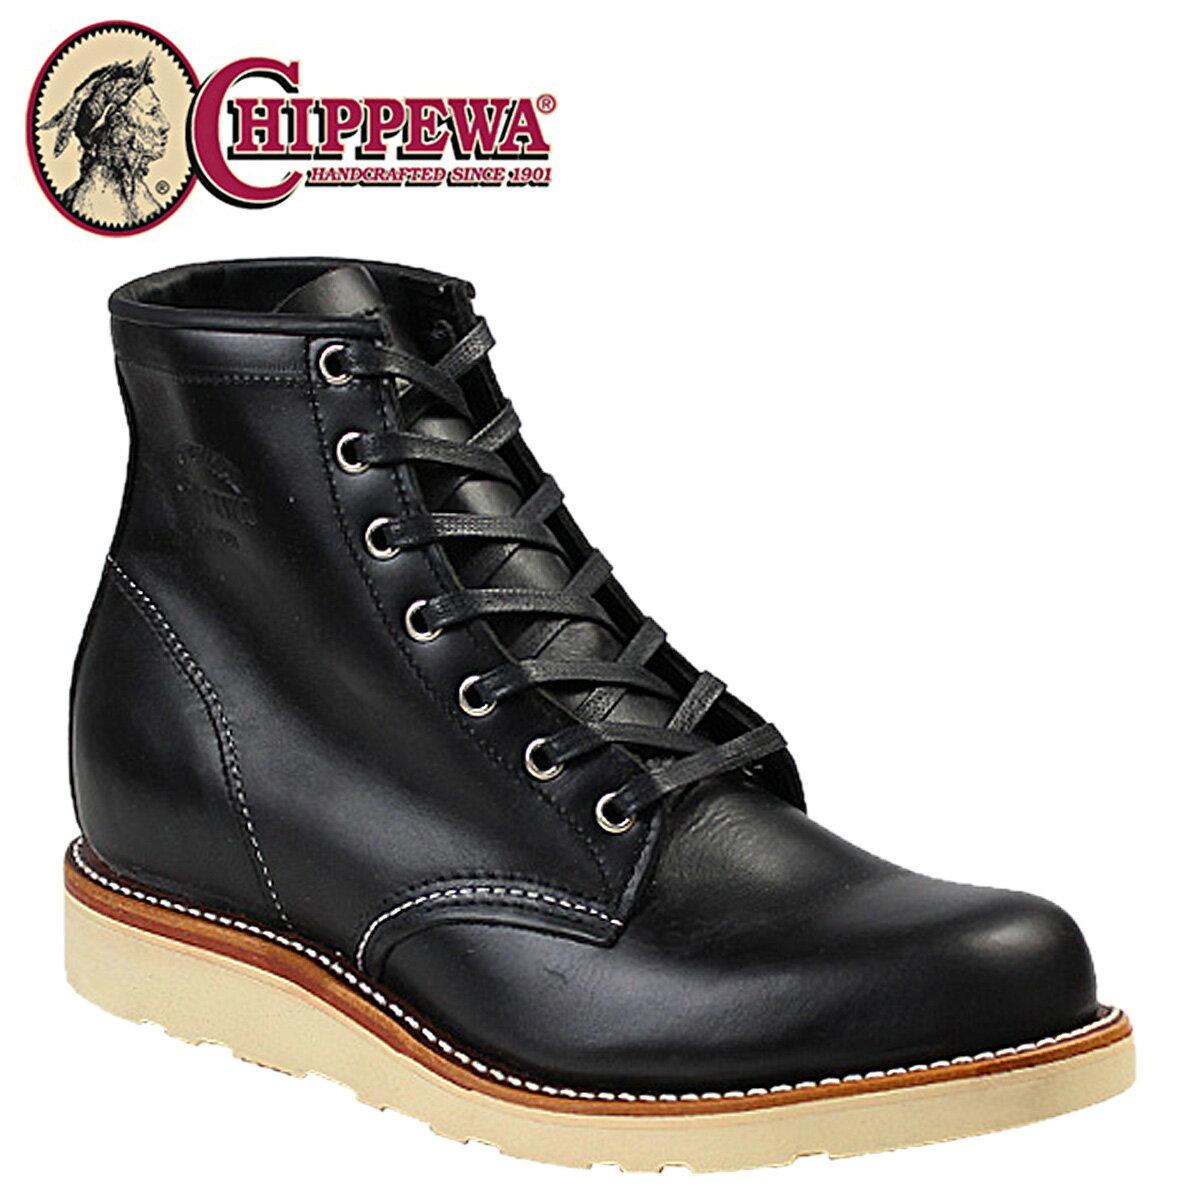 CHIPPEWA チペワ 6INCH PLAIN TOE WEDGE ブーツ 6インチ プレーン トゥ ウェッジ ブーツ 1901M15 Dワイズ ブラック メンズ